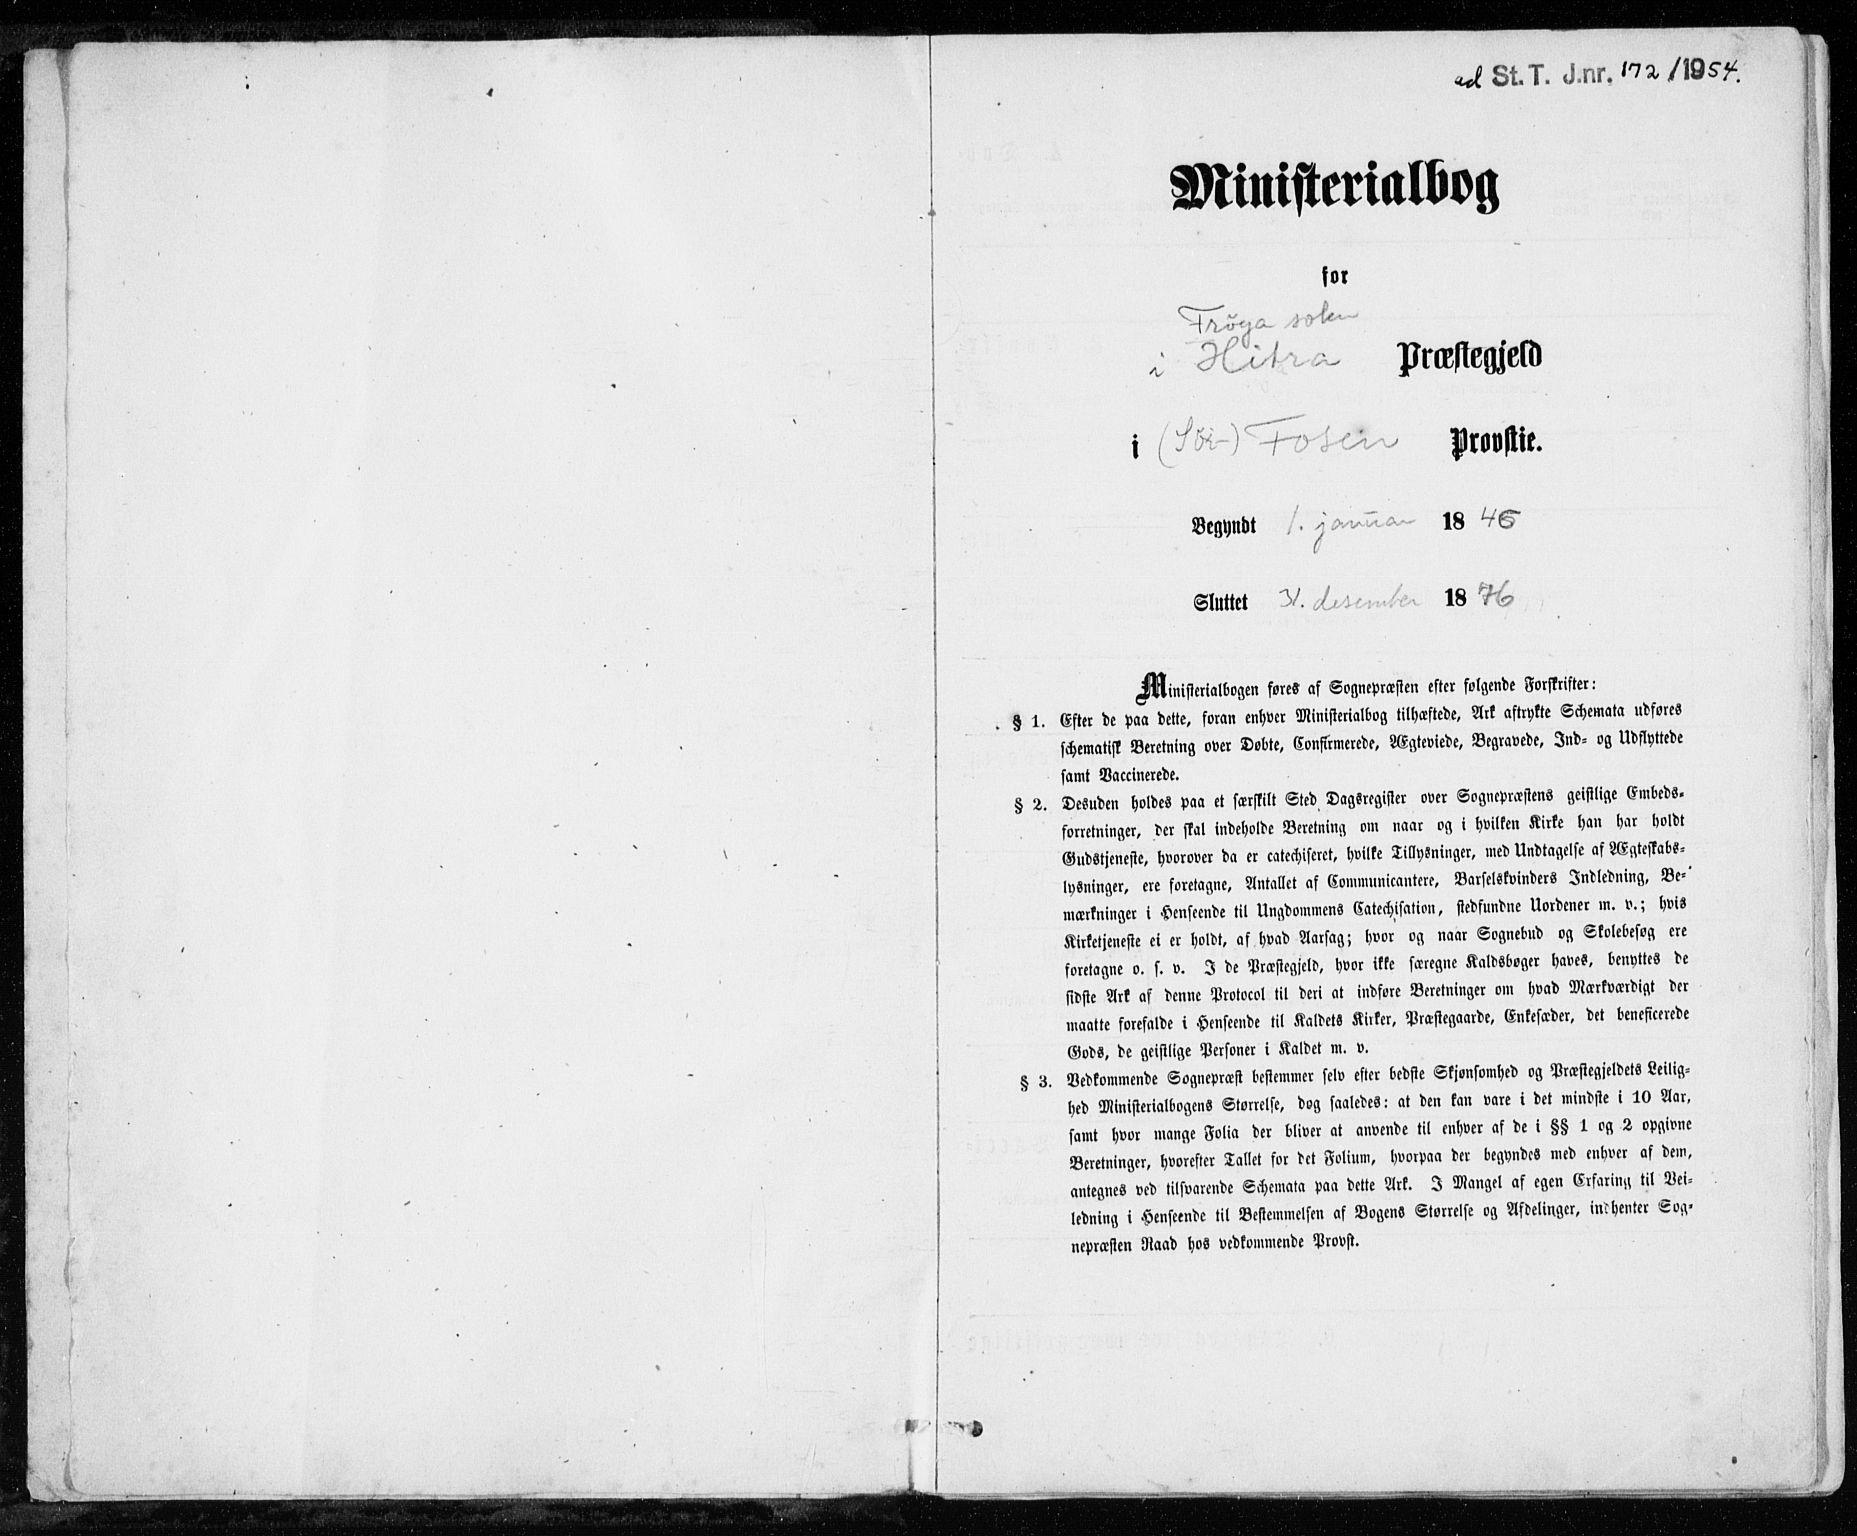 SAT, Ministerialprotokoller, klokkerbøker og fødselsregistre - Sør-Trøndelag, 640/L0576: Ministerialbok nr. 640A01, 1846-1876